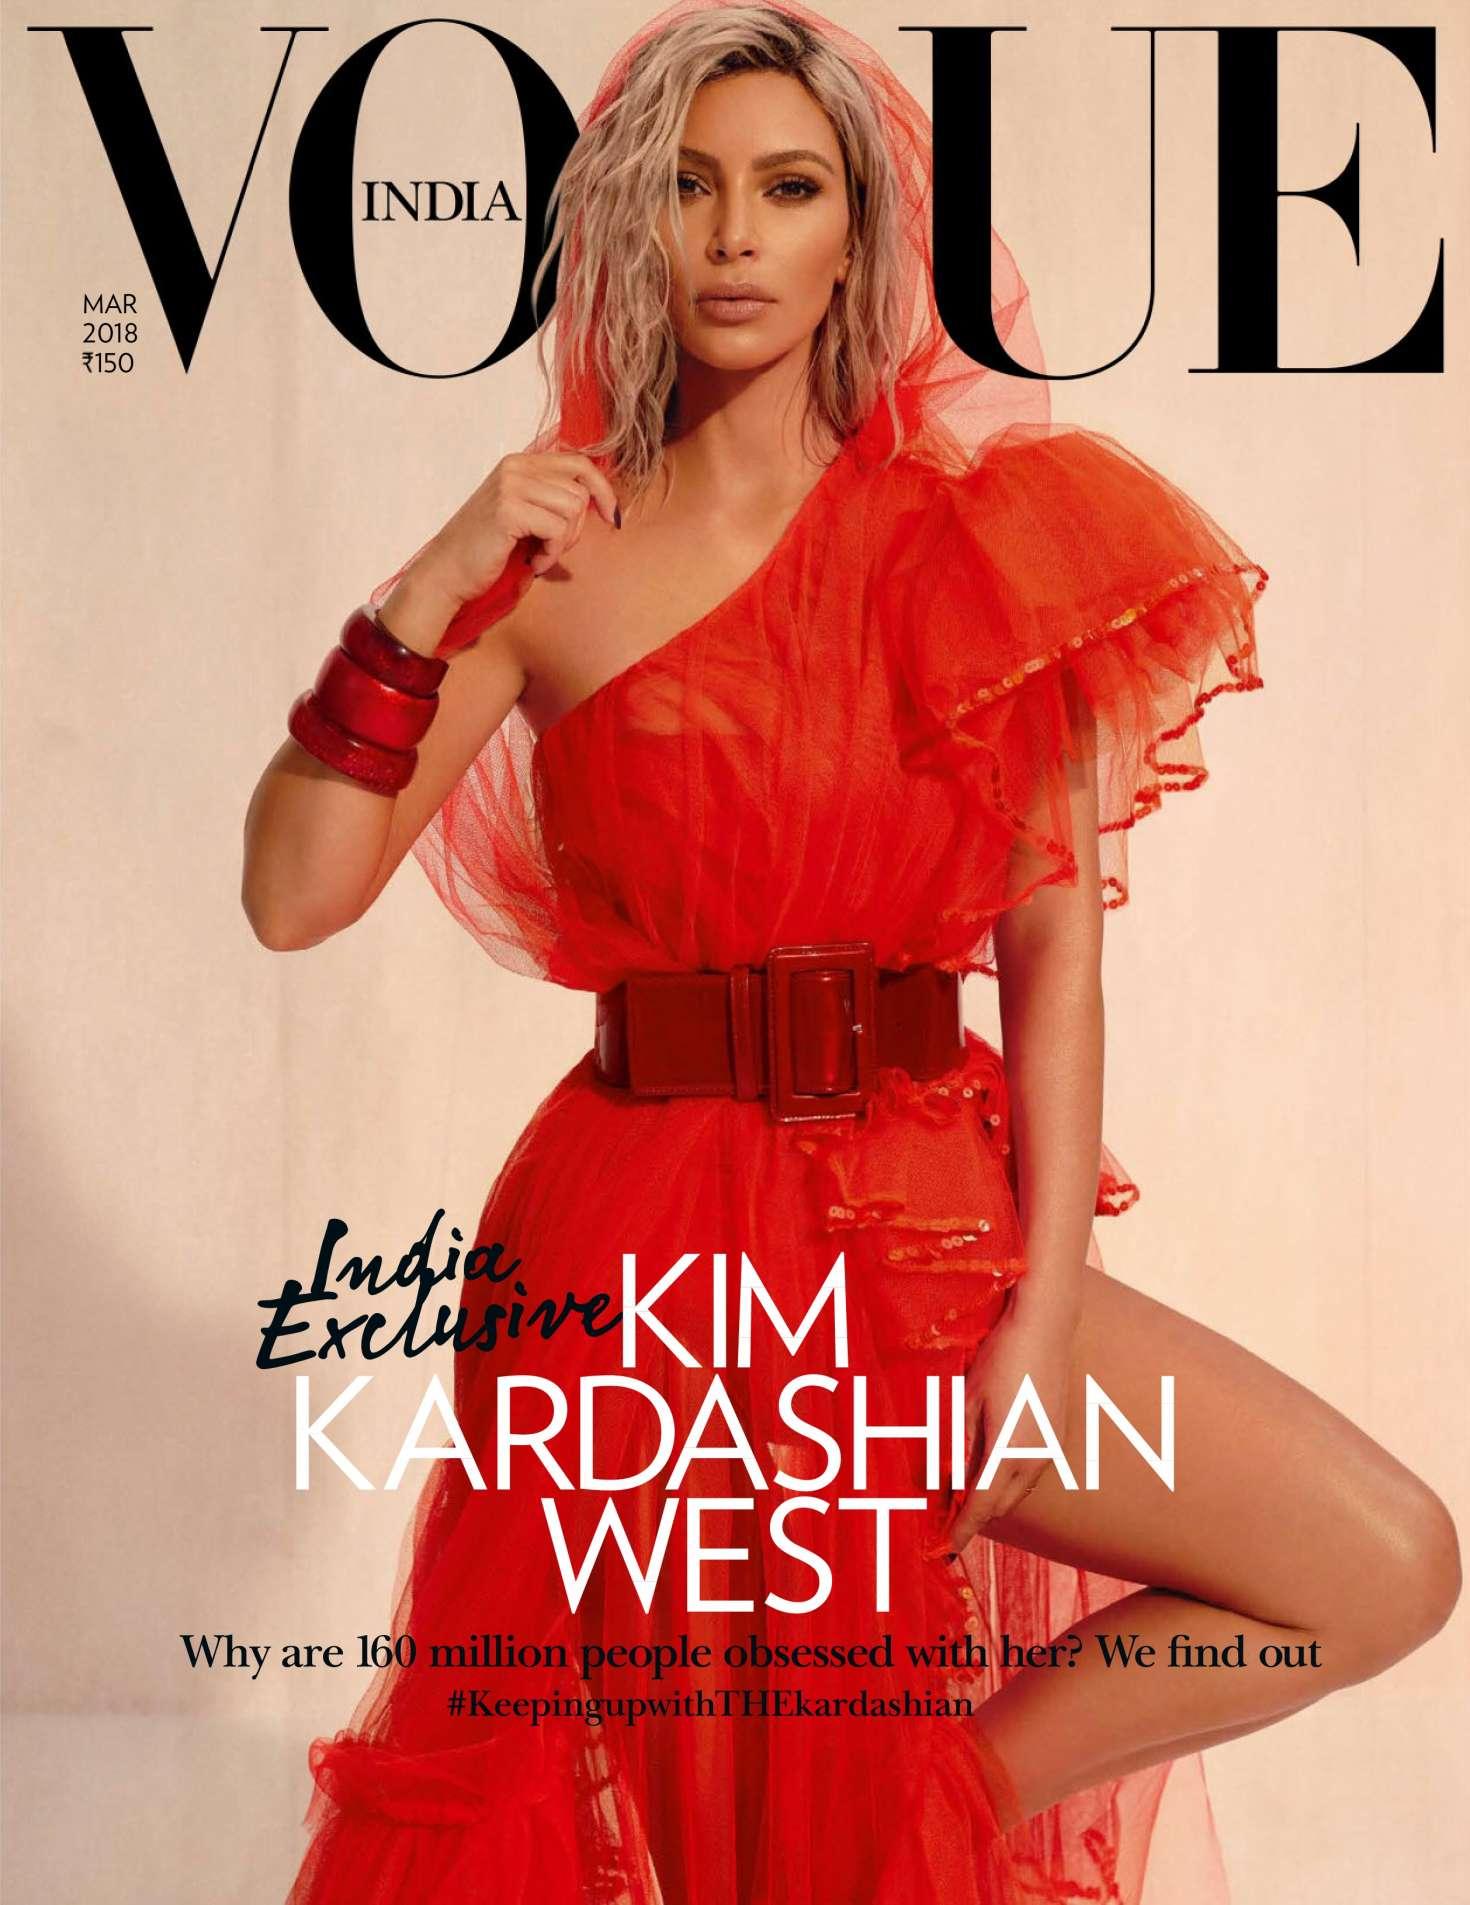 Kim Kardashian 2018 : Kim Kardashian: Vogue India 2018 adds -21